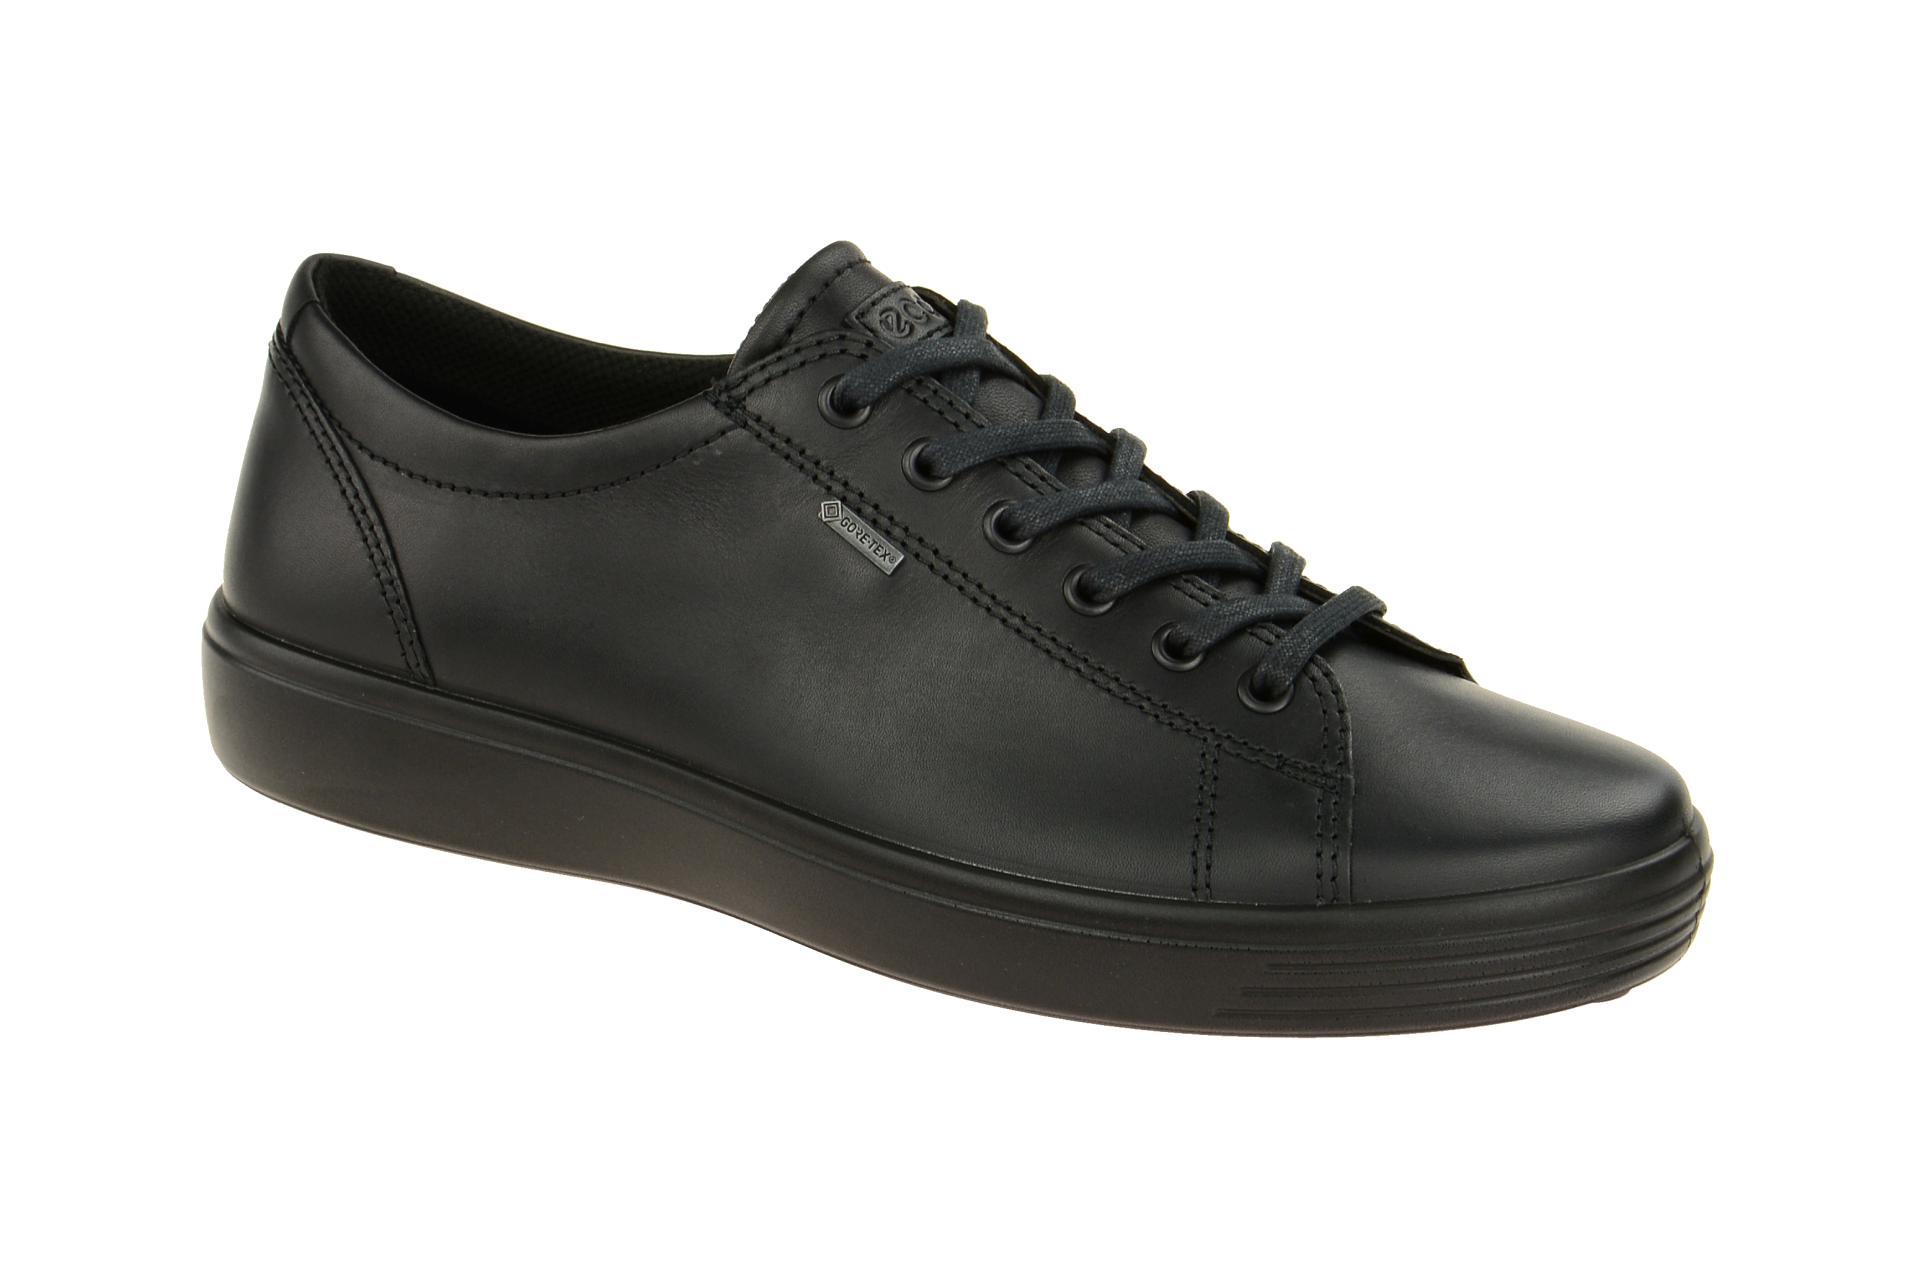 84de4b91fedc Ecco Soft 7 Schuhe schwarz GORE-TEX online kaufen